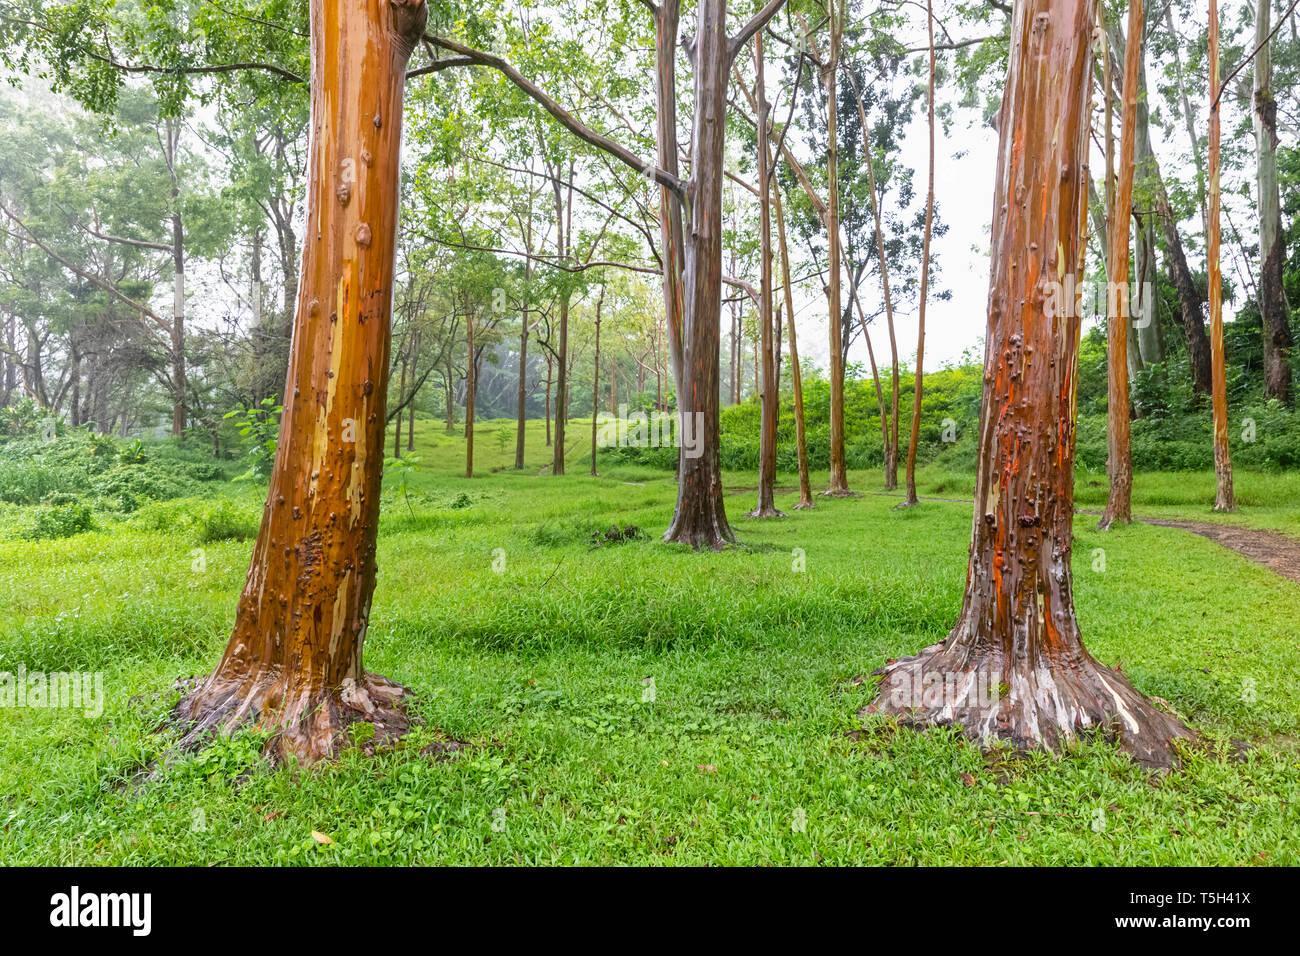 USA, Hawaii, Kauai, Rainbow eucalyptus, Eucalyptus deglupta - Stock Image